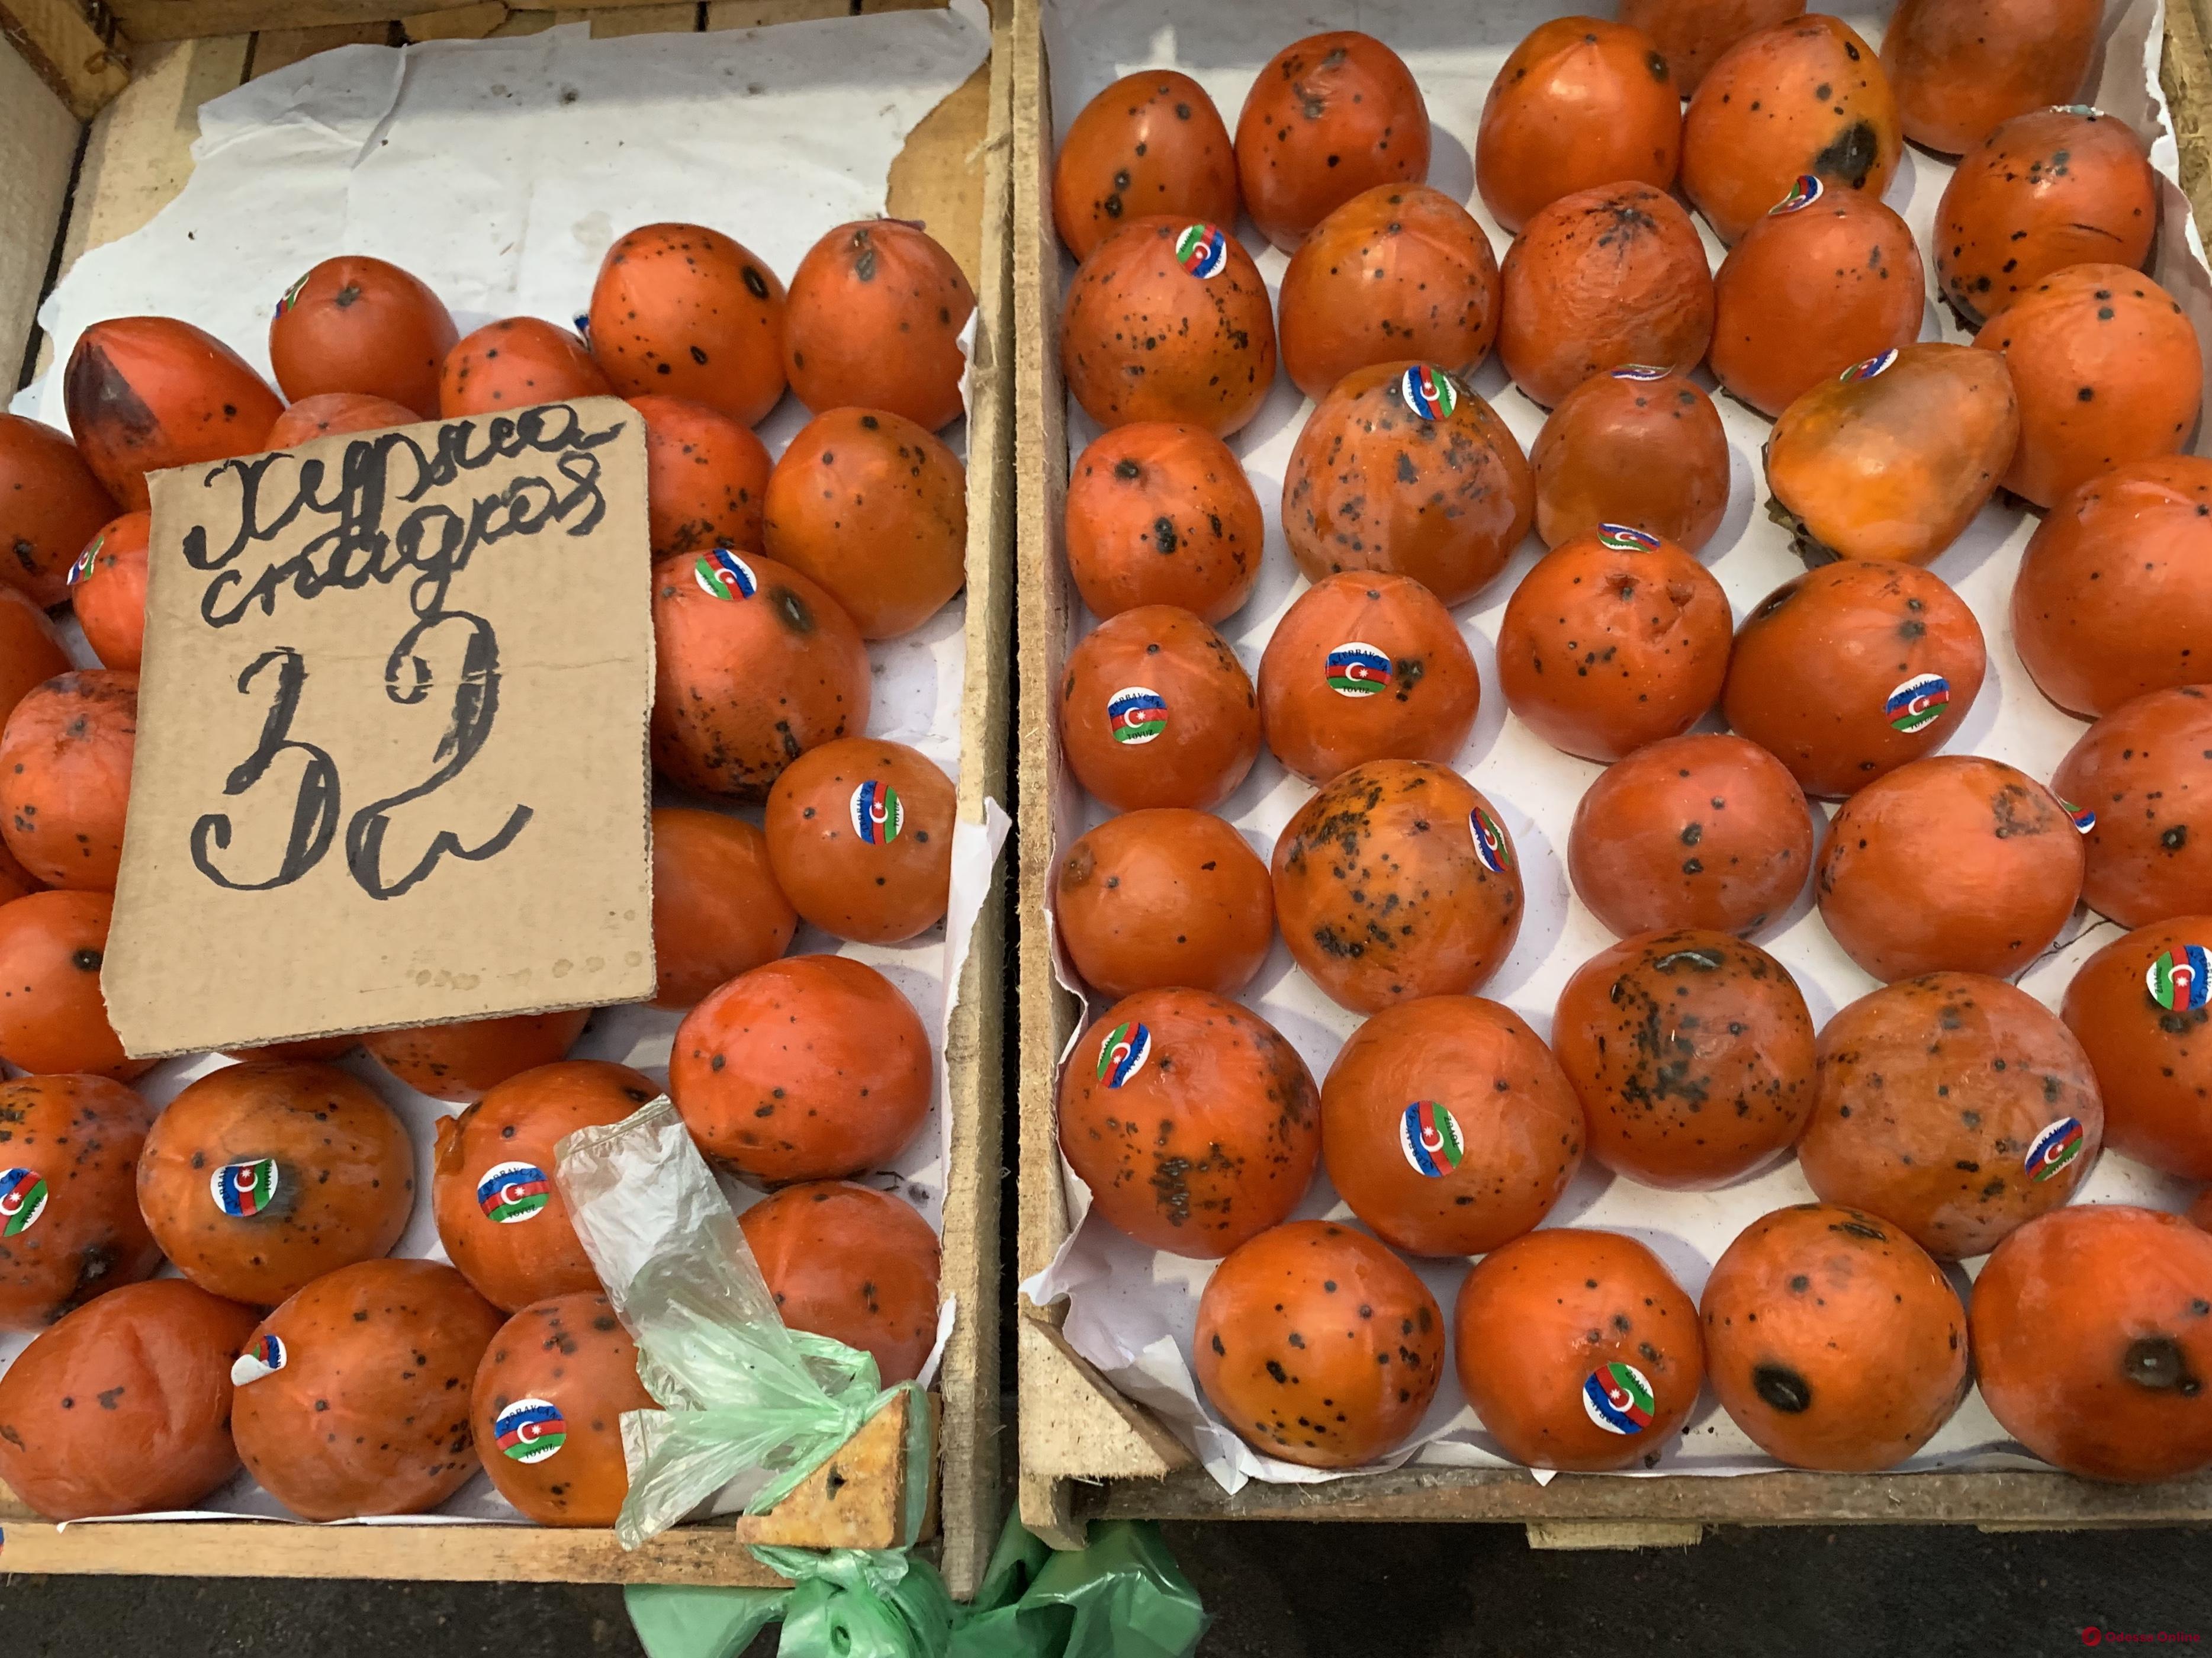 Брокколи, калина и яблоки: воскресные цены на одесском «Привозе»